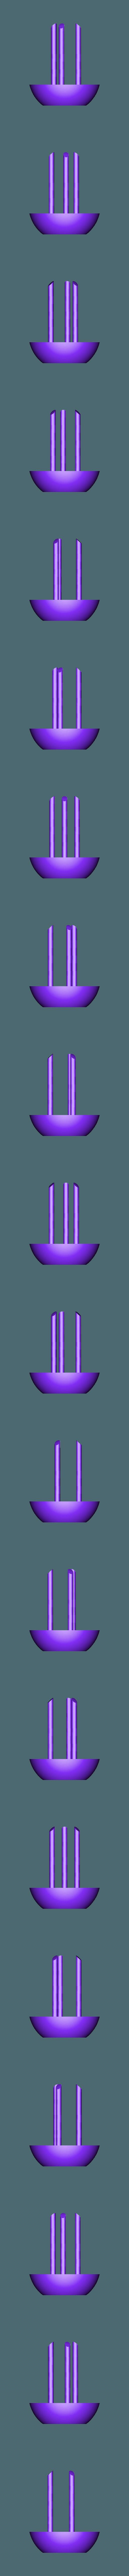 DesignEgg_1_iguigui.stl Télécharger fichier STL gratuit Oeuf design • Plan pour imprimante 3D, iguigui